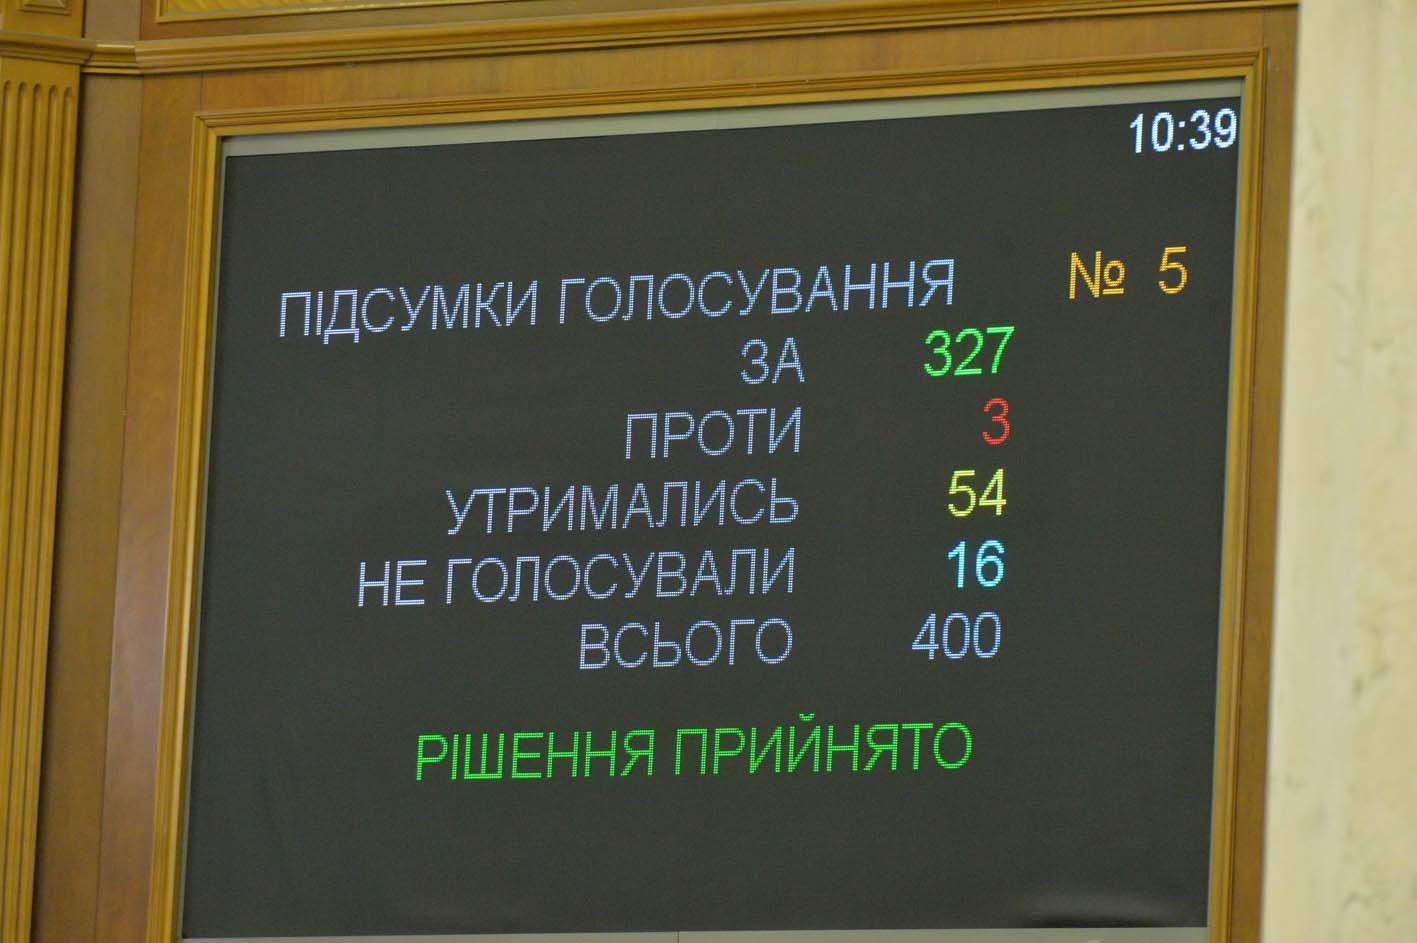 Ухвалено законопроект про повну загальну середню освіту